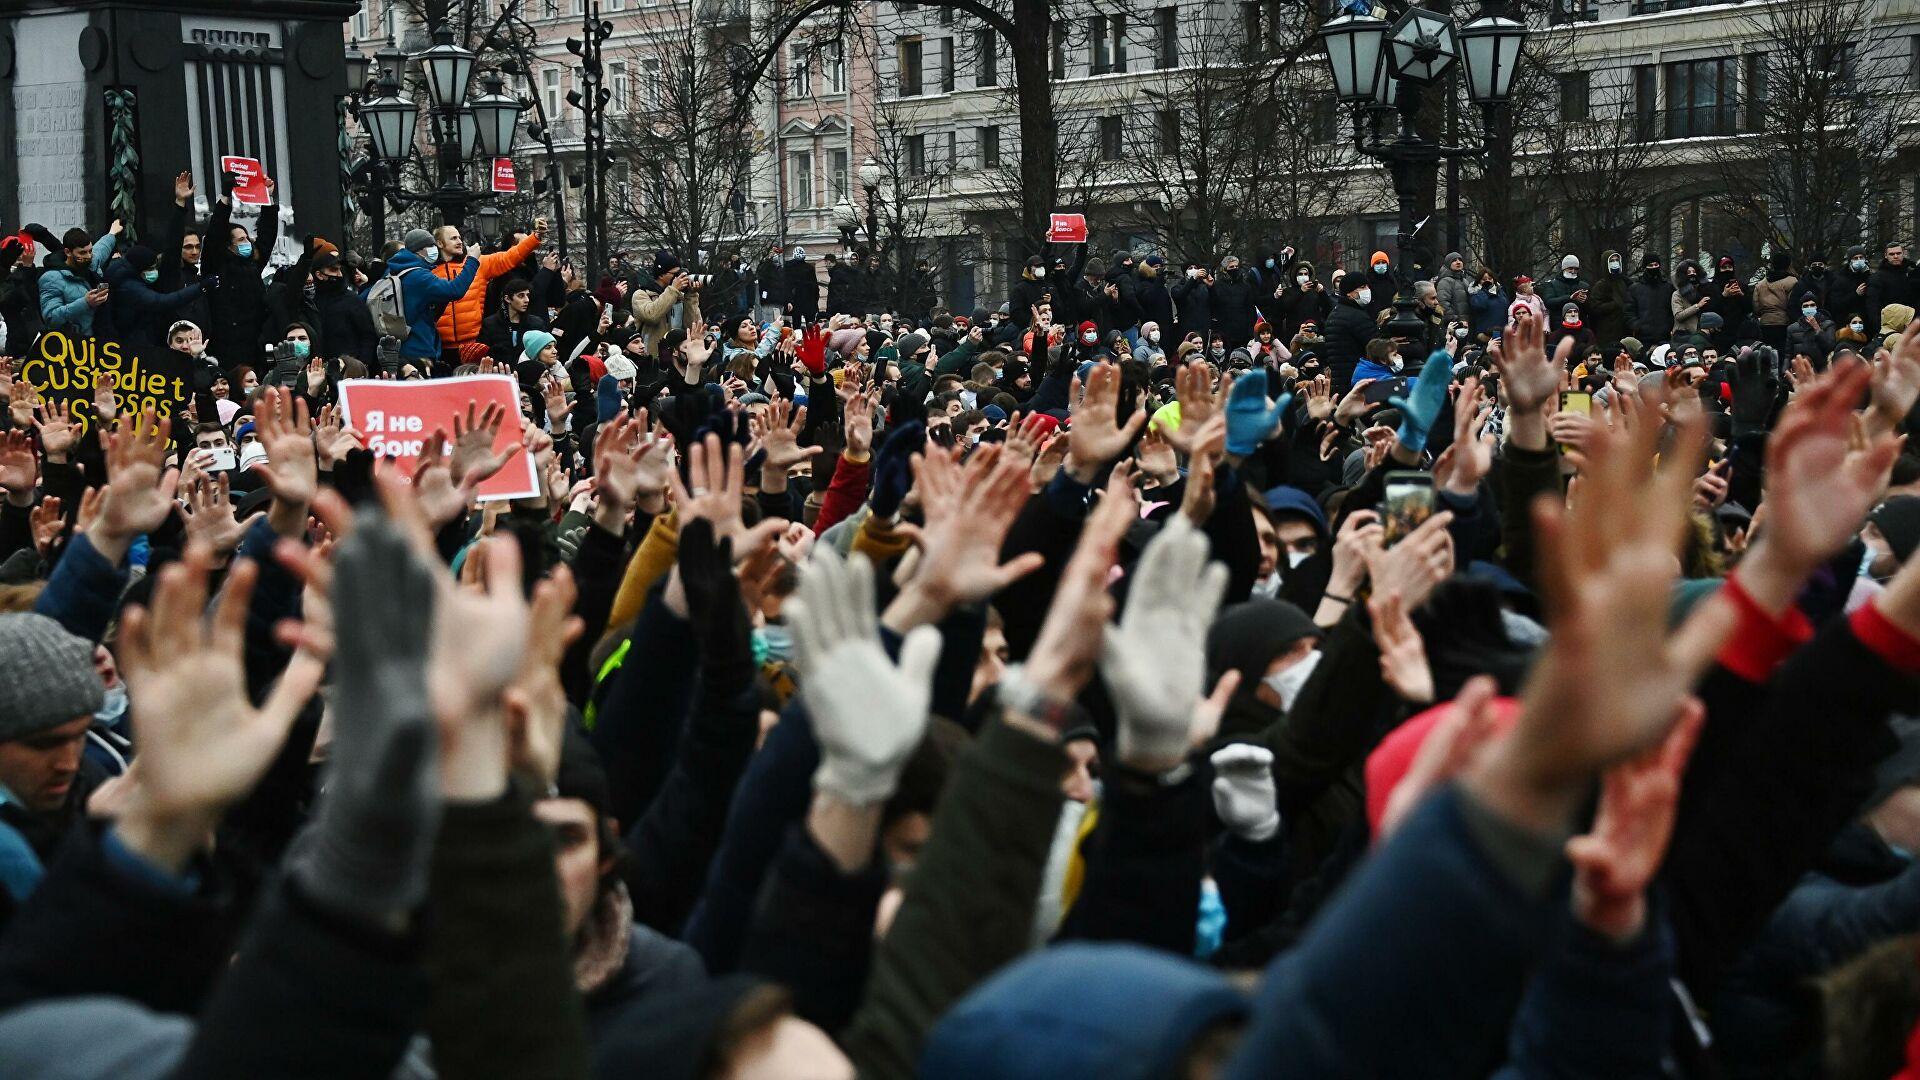 Амбасада САД у Москви подржала протесте у Русији